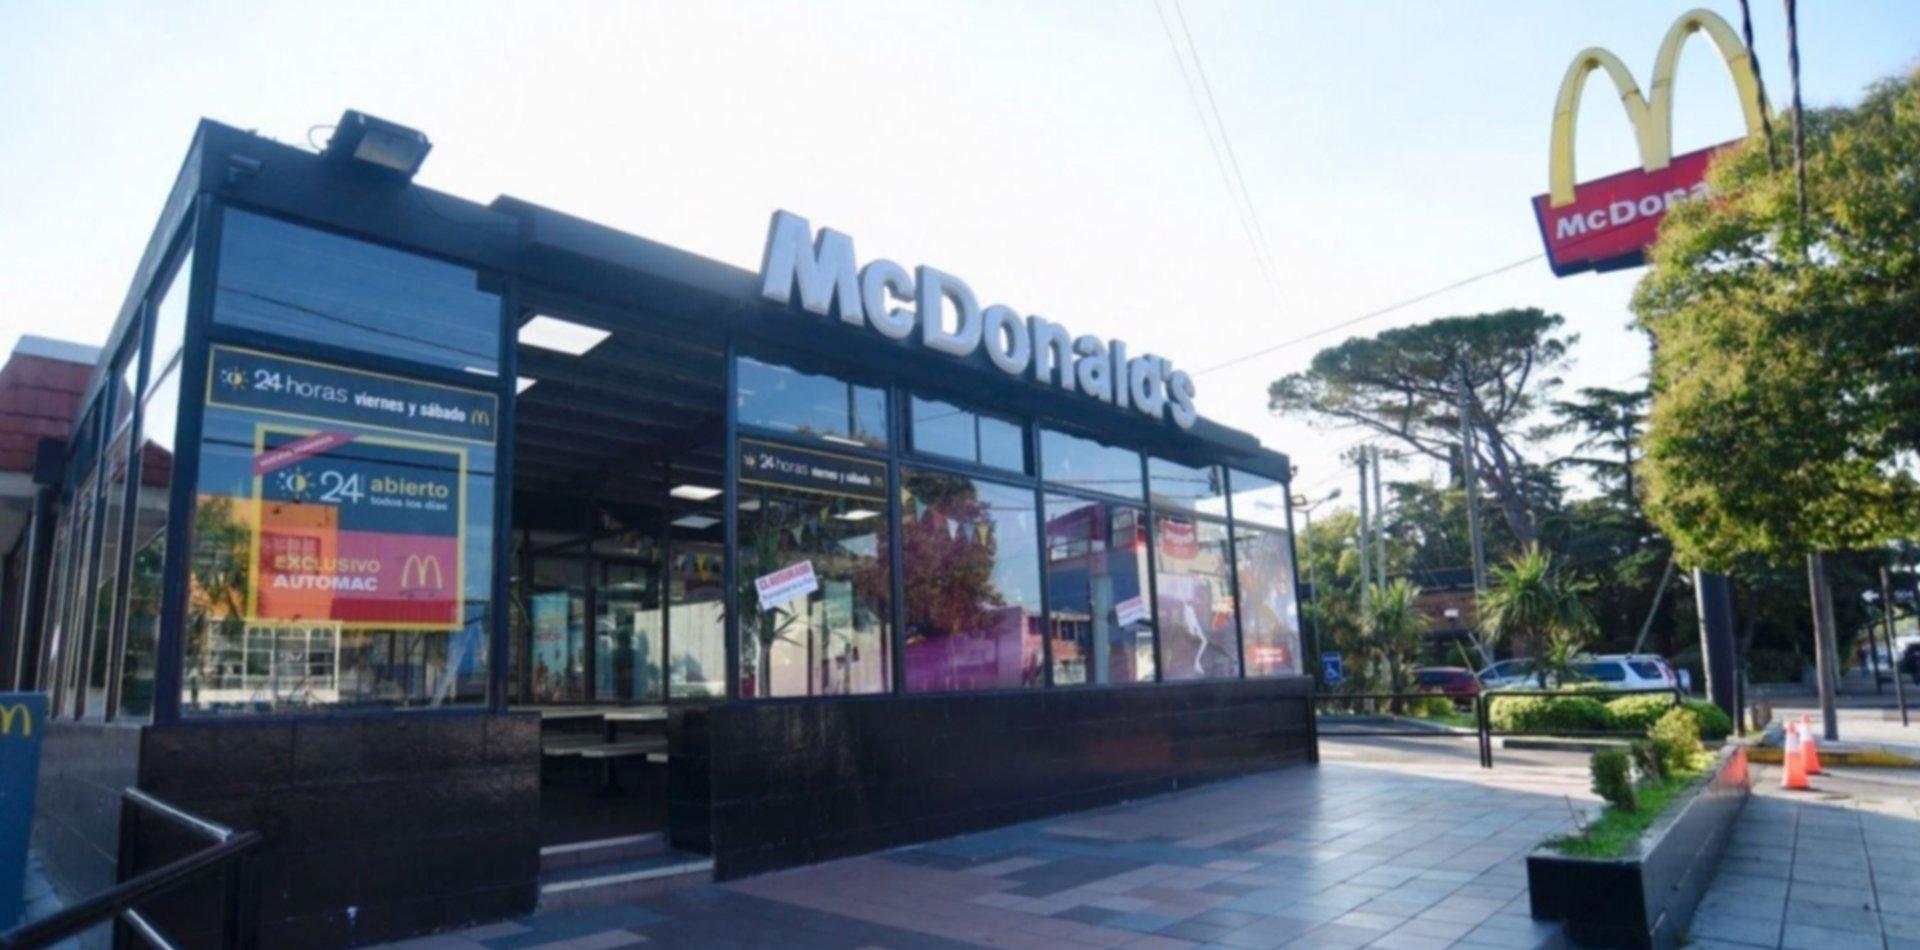 200 empleados de McDonald's trabajarán en empresas de tecnología por la pandemia